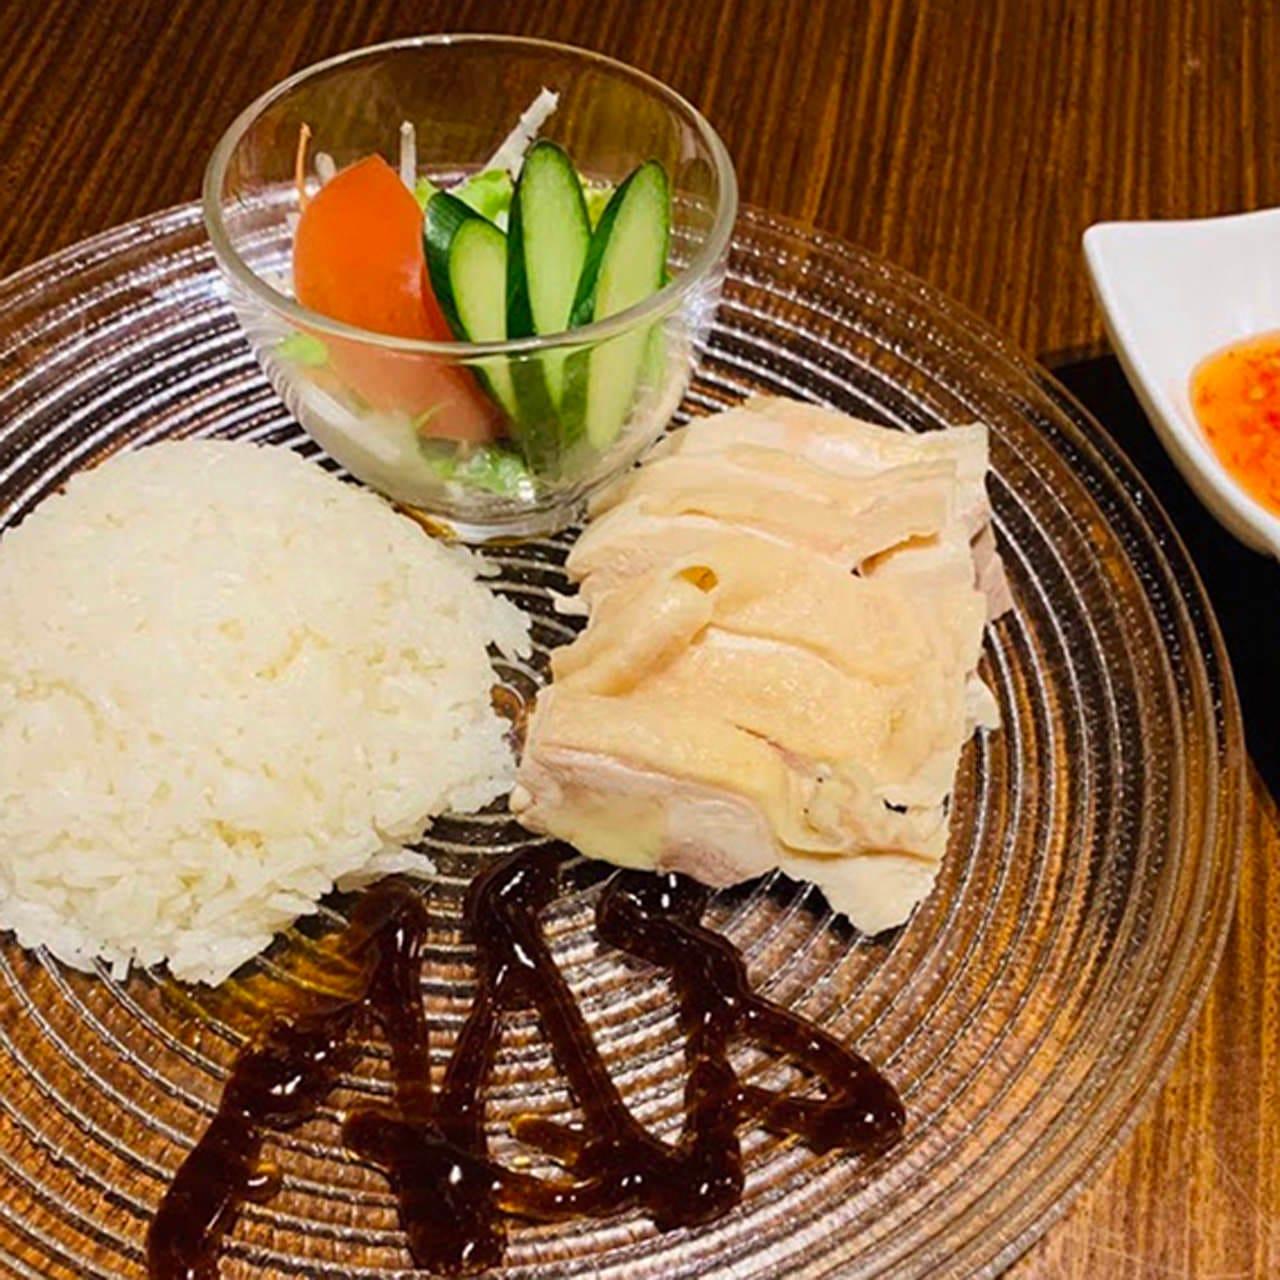 蒸し鶏の柔らかさが絶品の海南鶏飯